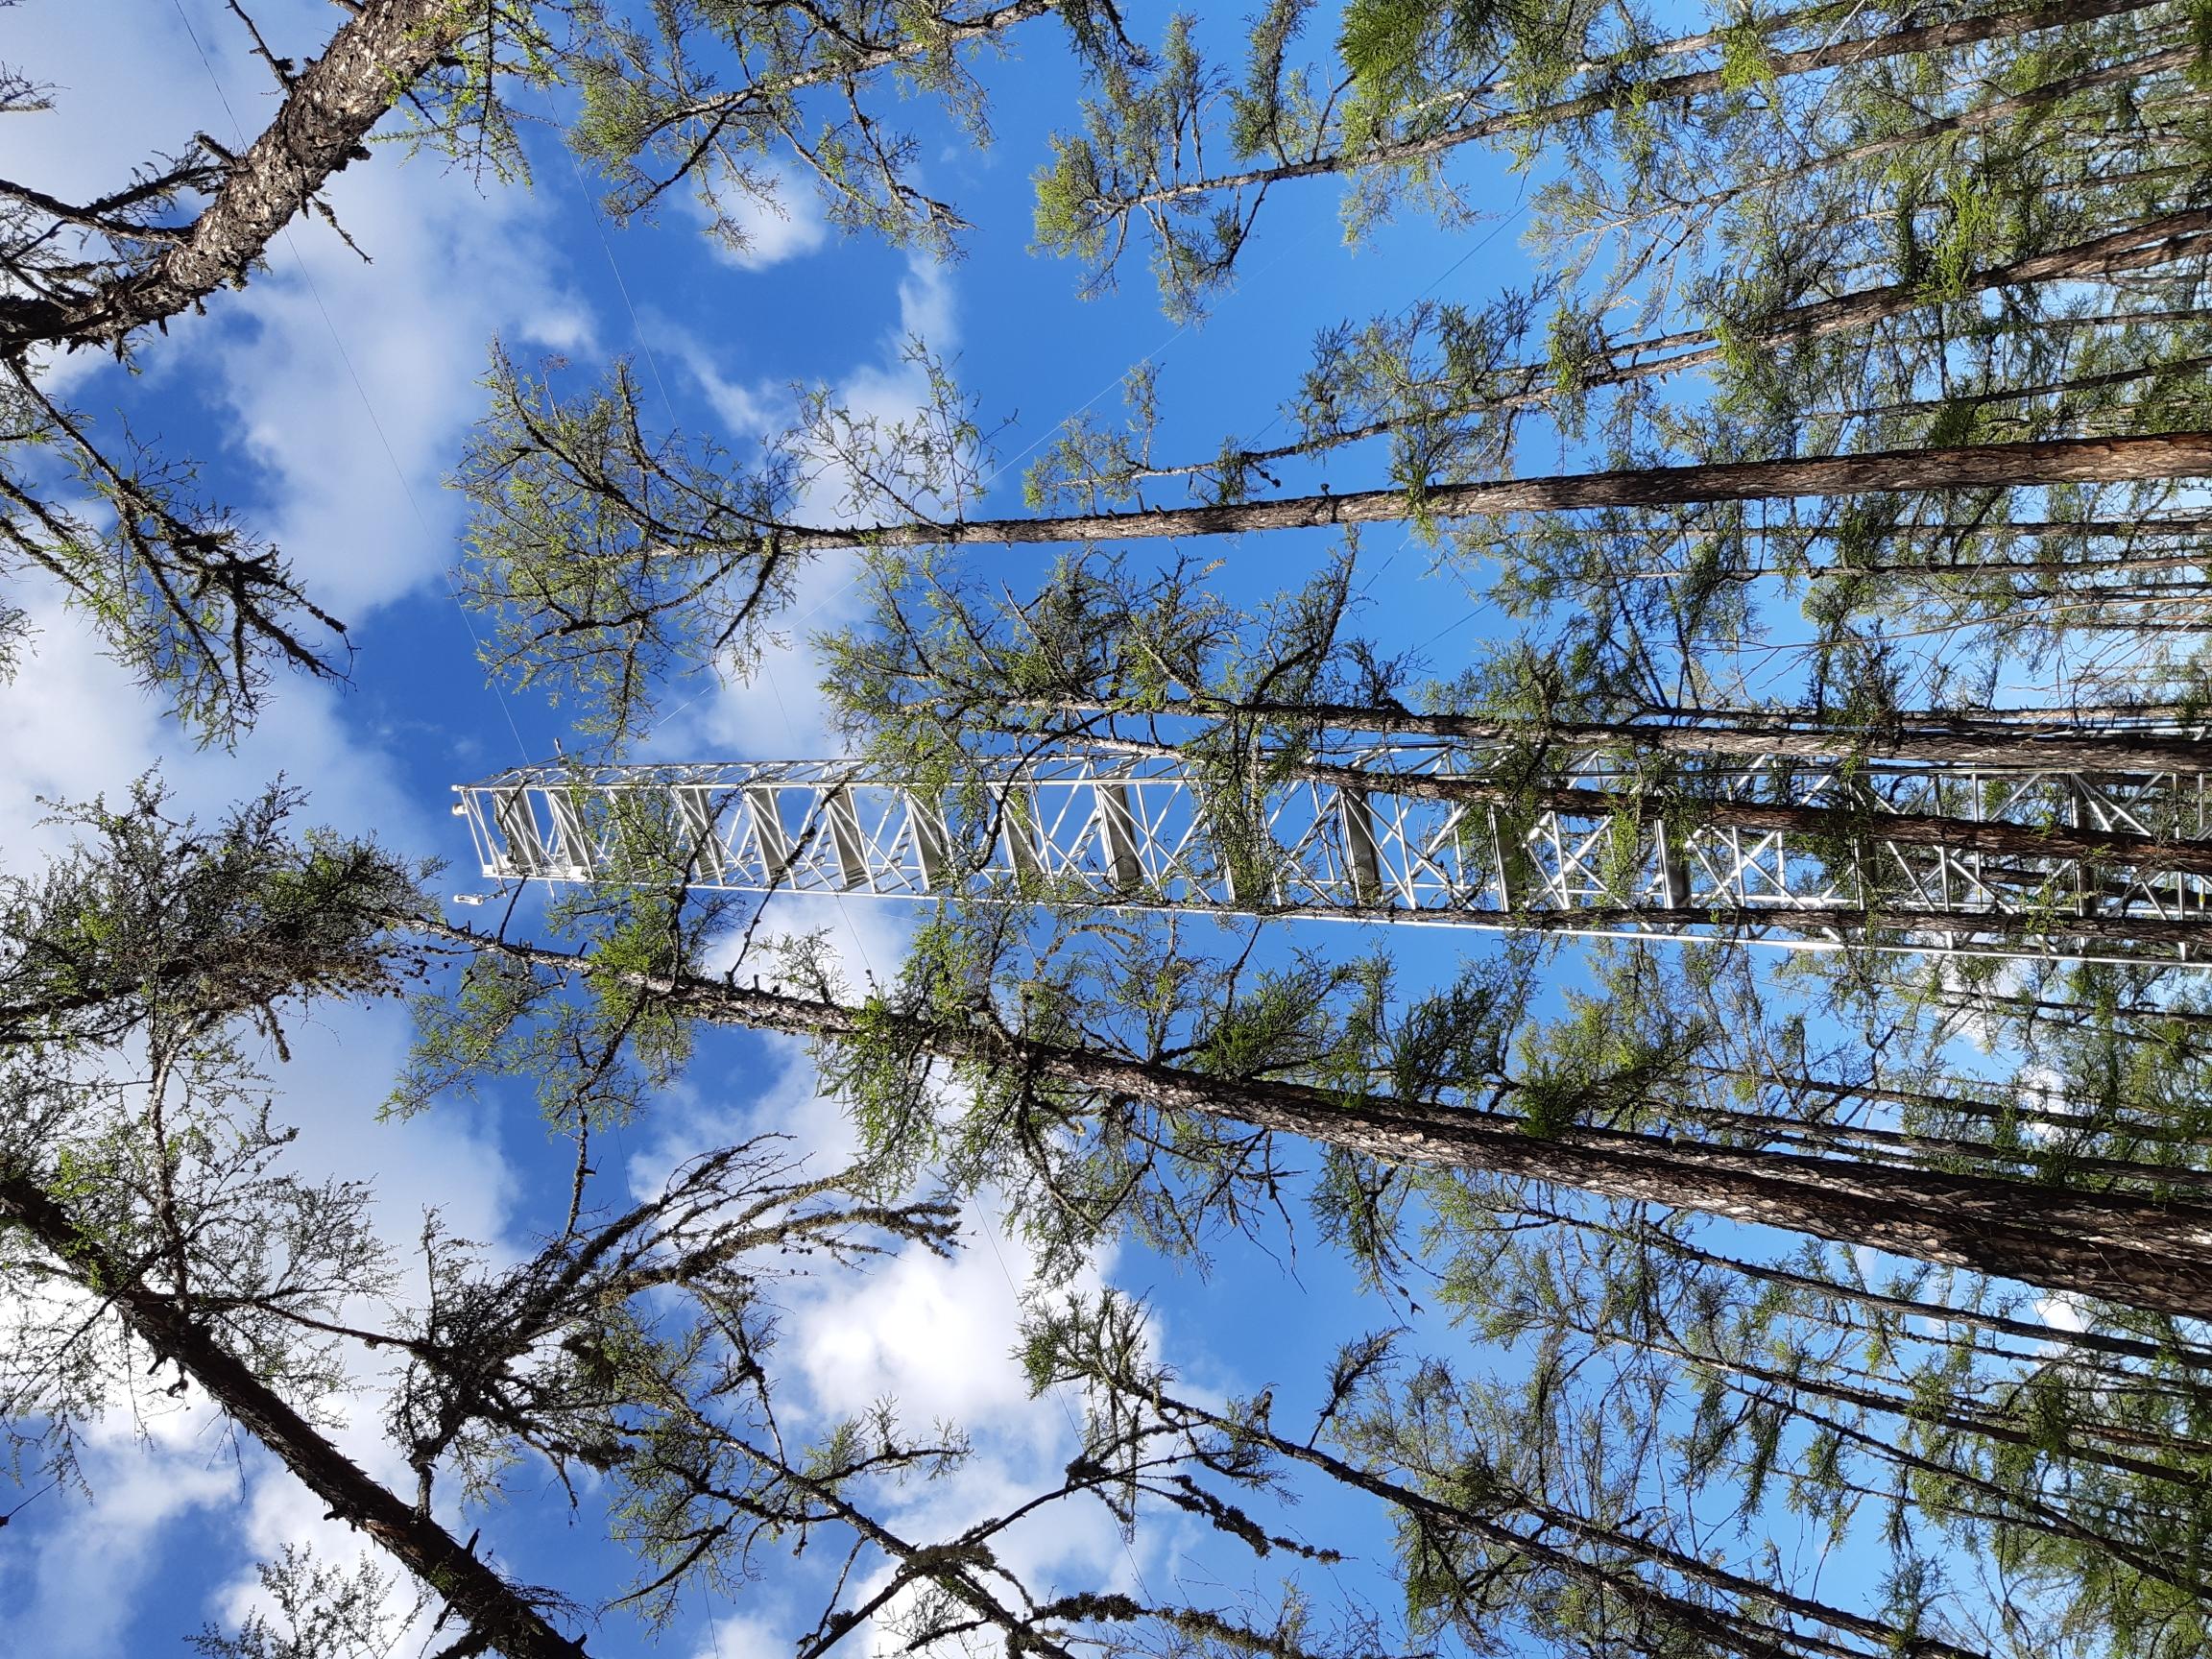 東シベリアに広く分布するカラマツの森林に設置された気象観測タワー